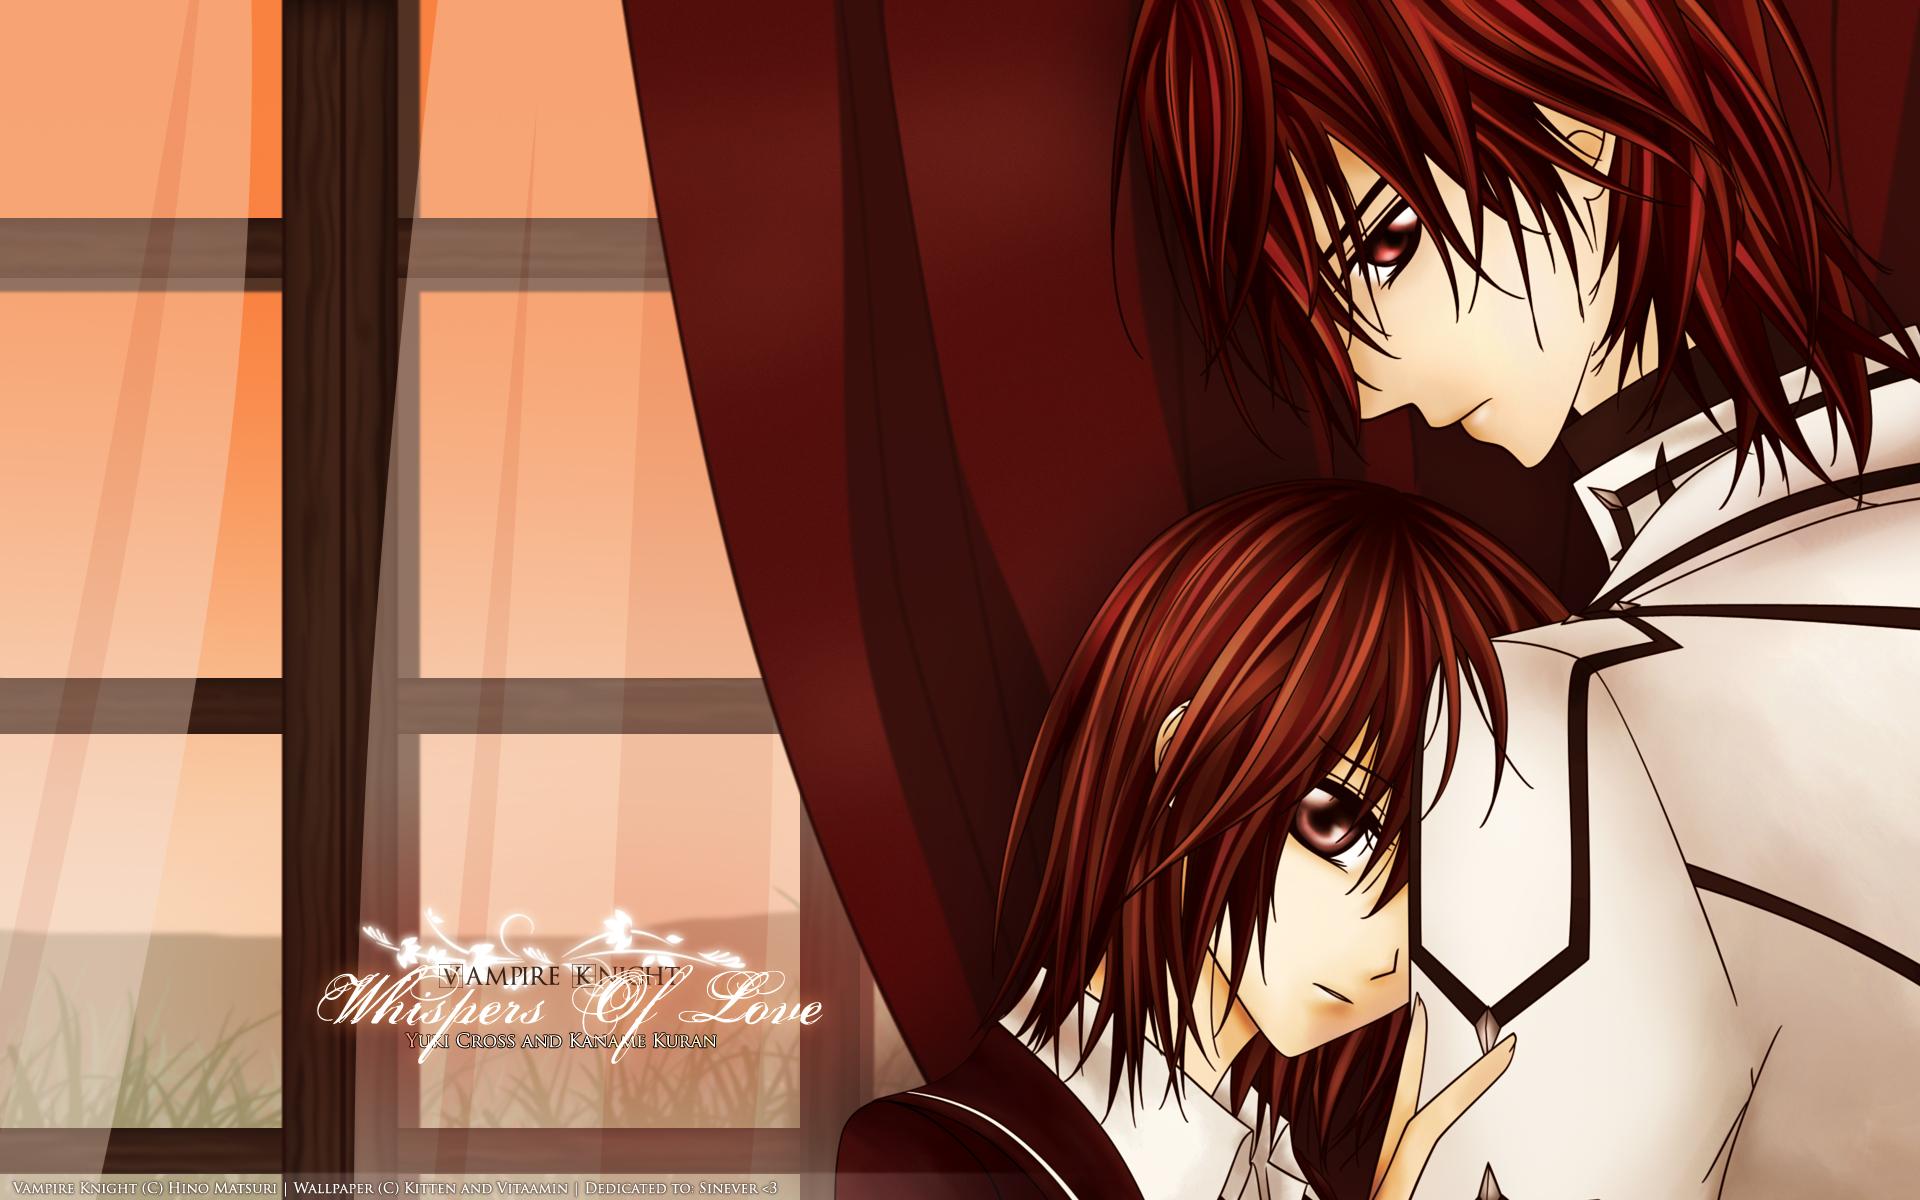 Vampire Knight Wallpaper: Innocent Love - Minitokyo